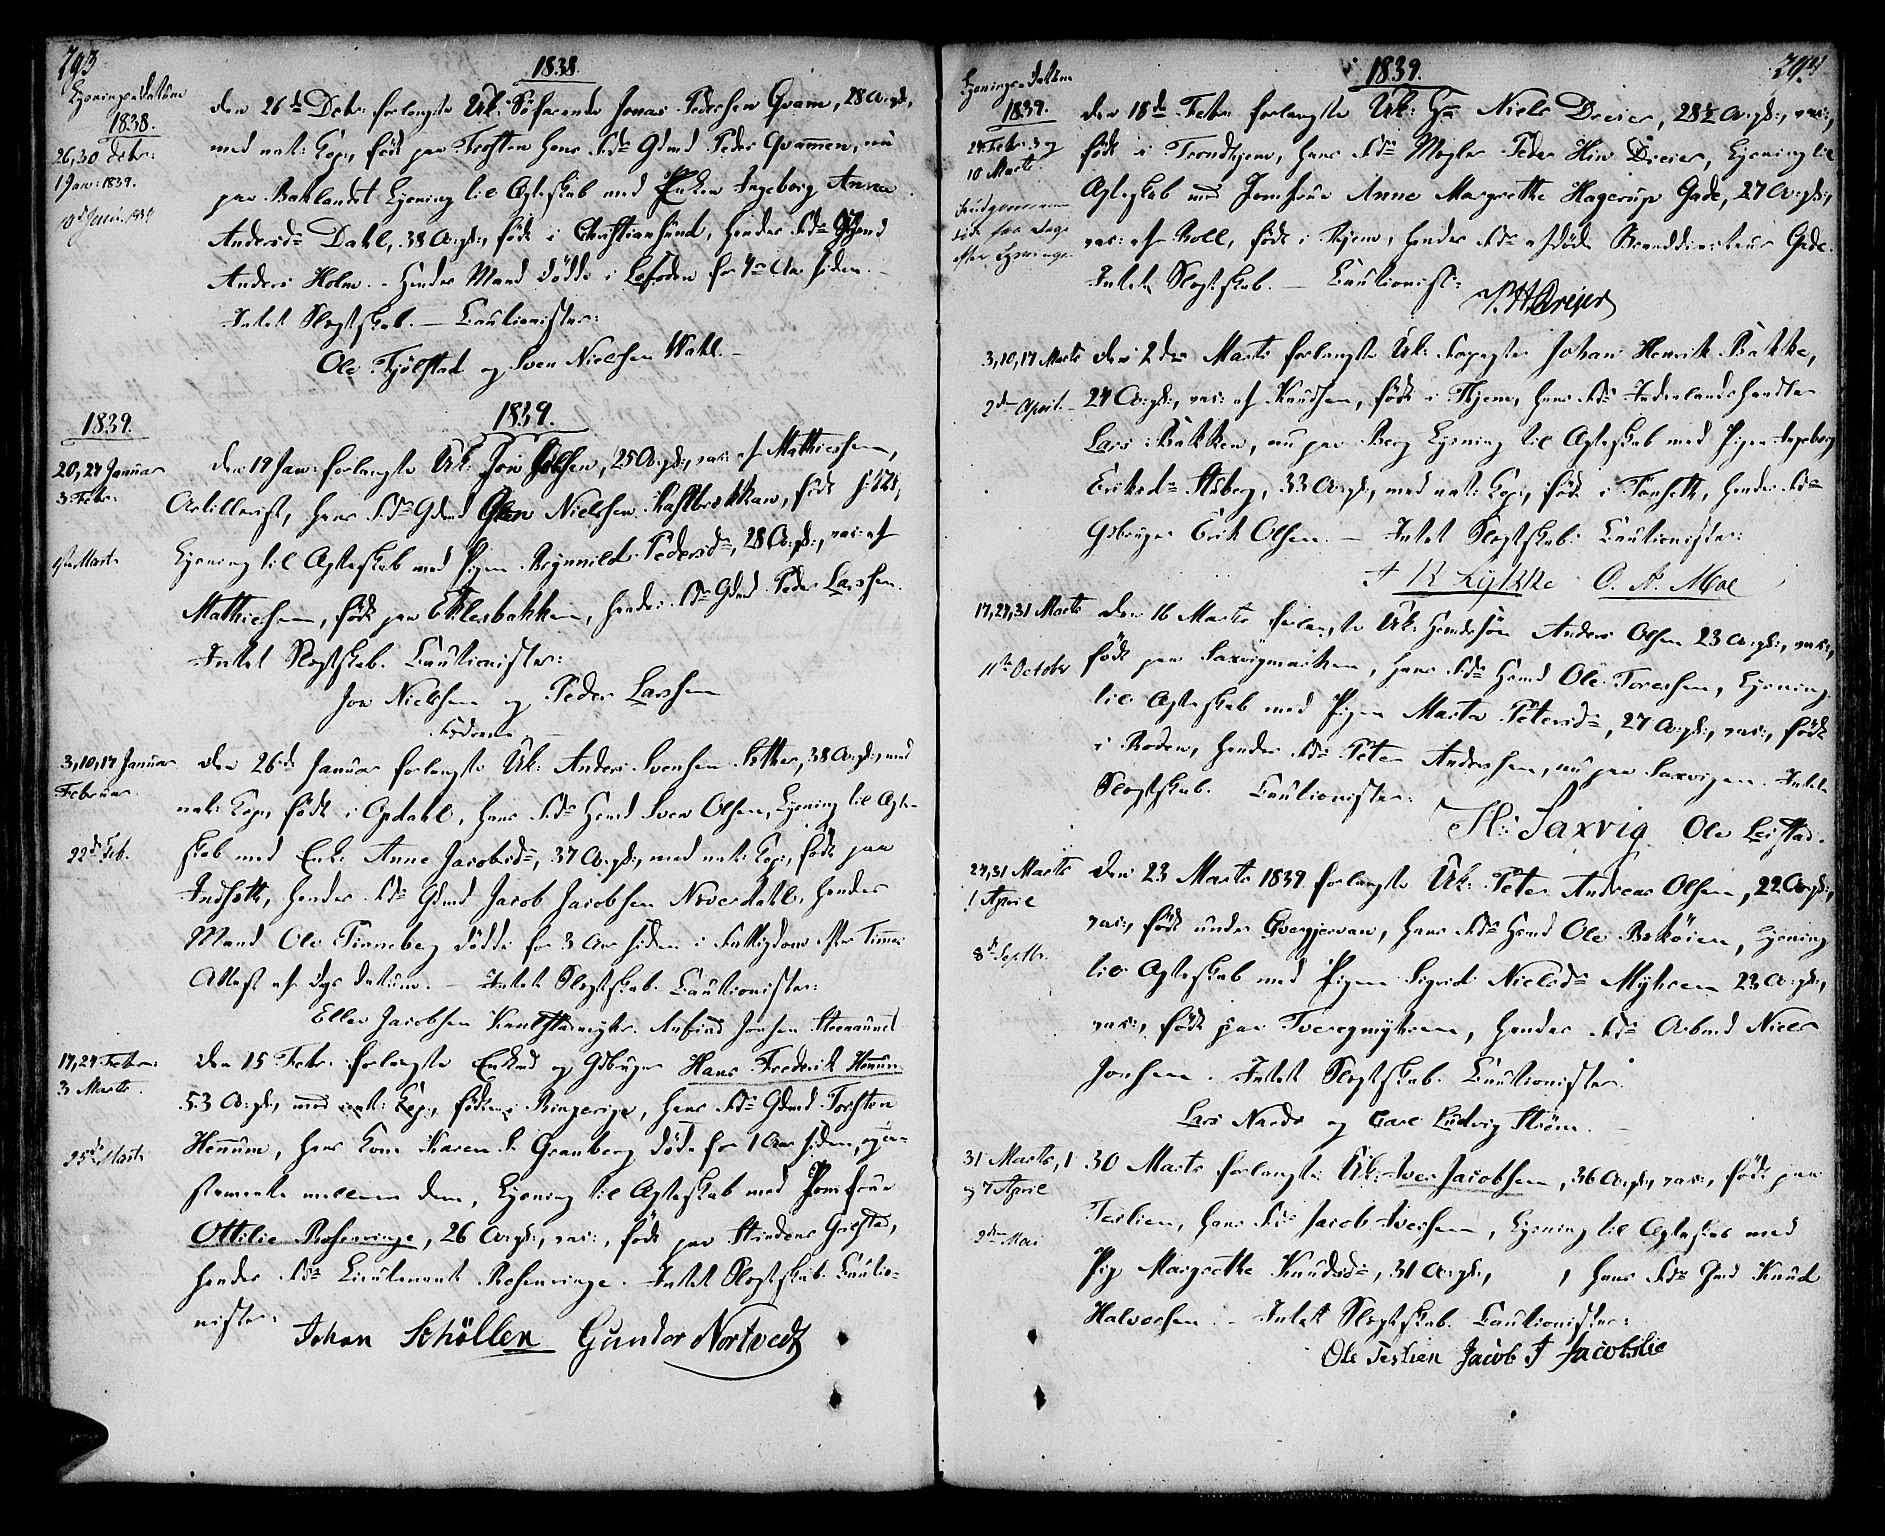 SAT, Ministerialprotokoller, klokkerbøker og fødselsregistre - Sør-Trøndelag, 604/L0181: Ministerialbok nr. 604A02, 1798-1817, s. 293-294